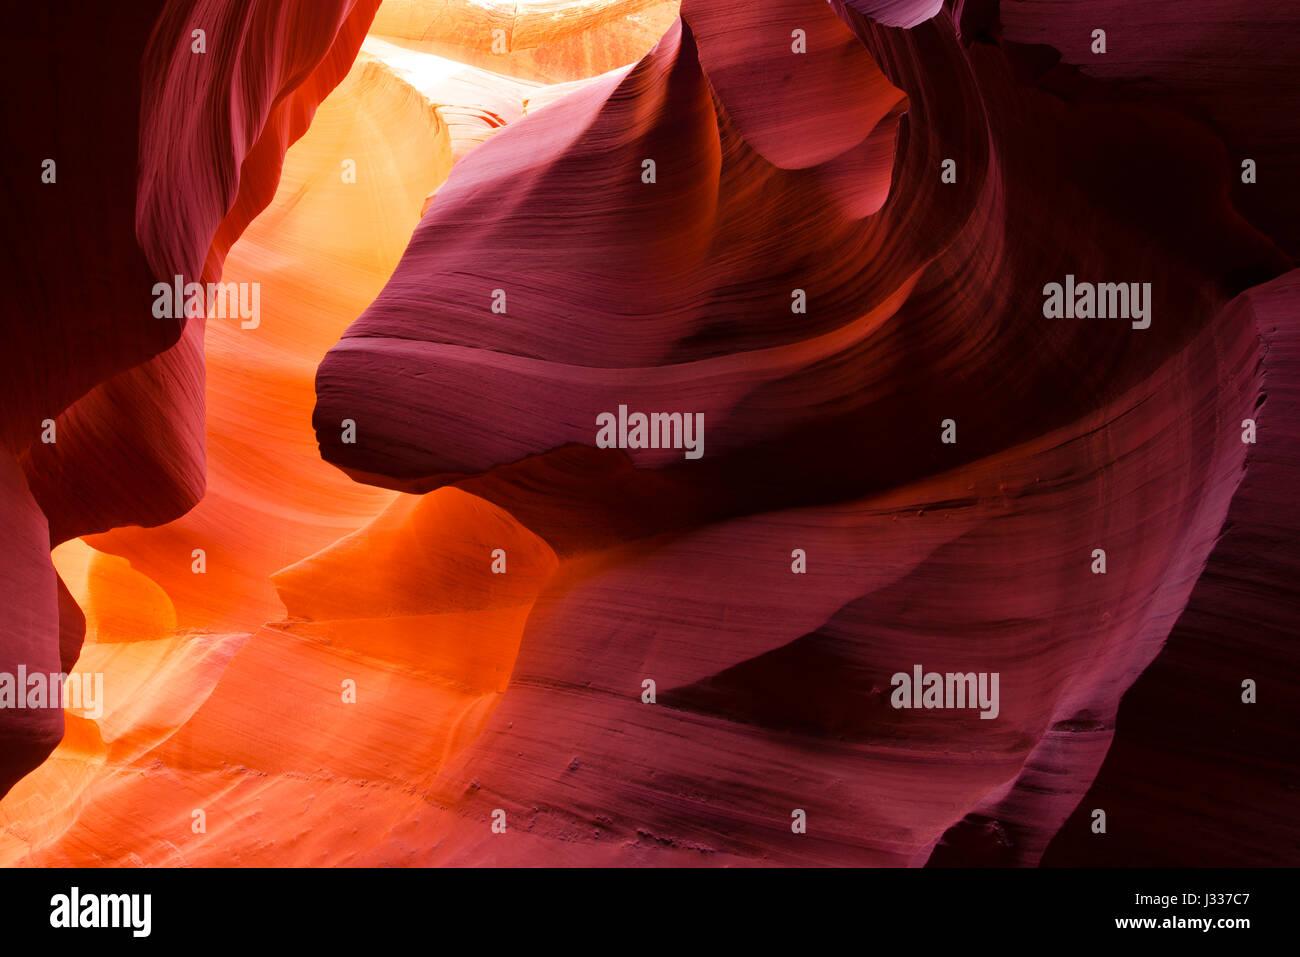 Pareti Viola E Giallo : Bizzarre forme antelope canyon pareti nel gioco sfumature luce e